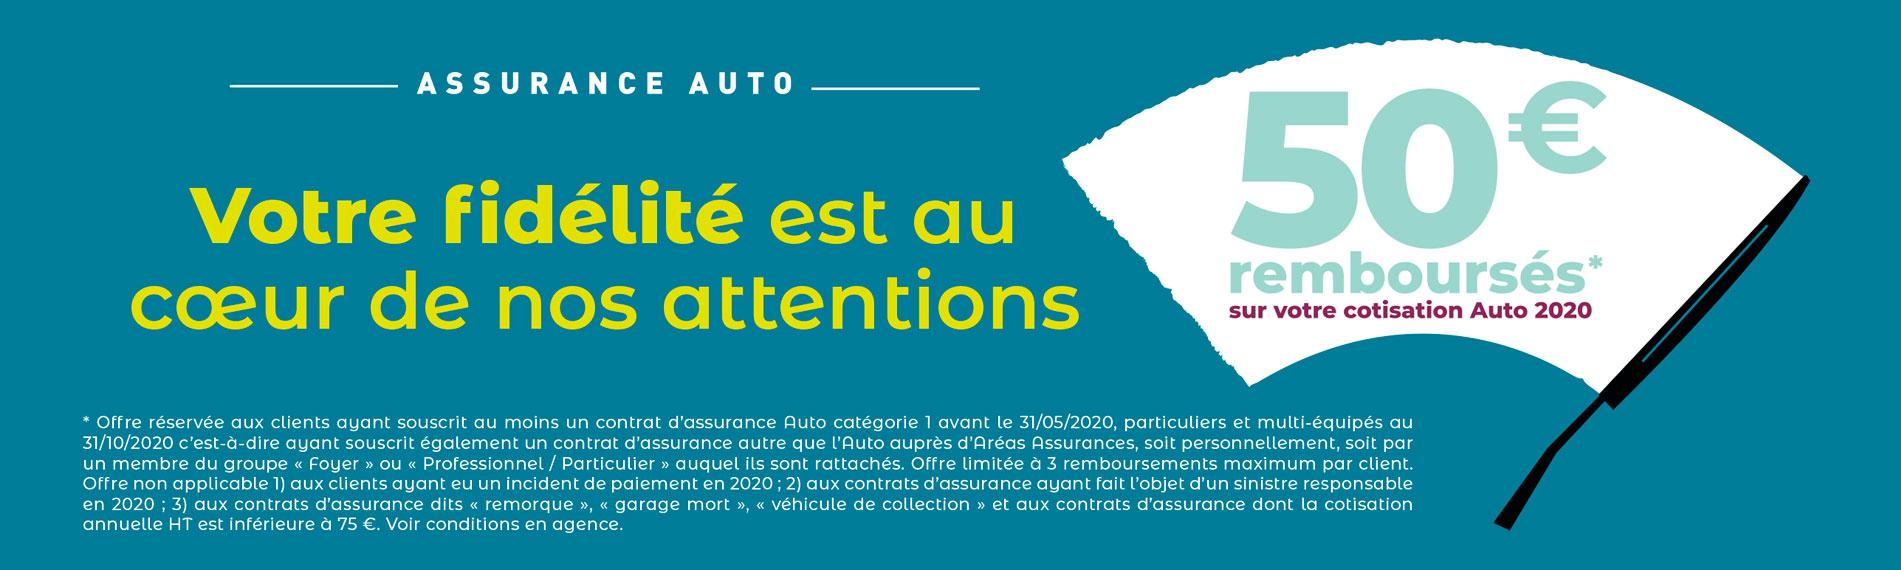 ASSURANCE AUTO 50 € REMBOURSÉS